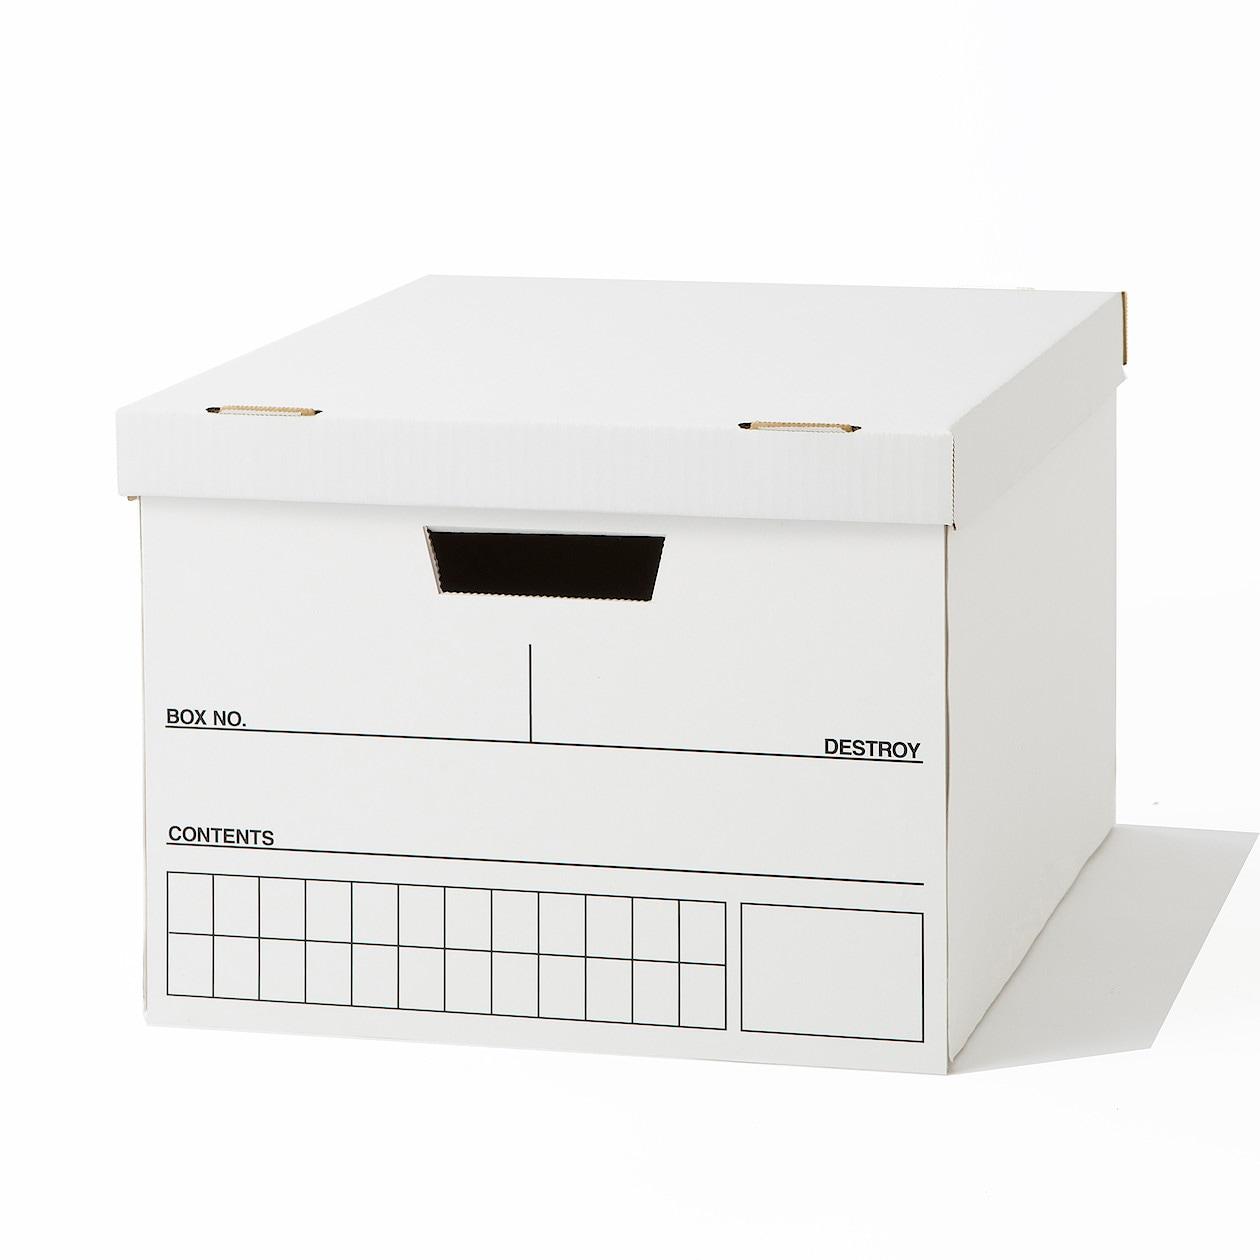 ダンボール書類保管箱 約幅34.5×奥行41×高さ26.5cm